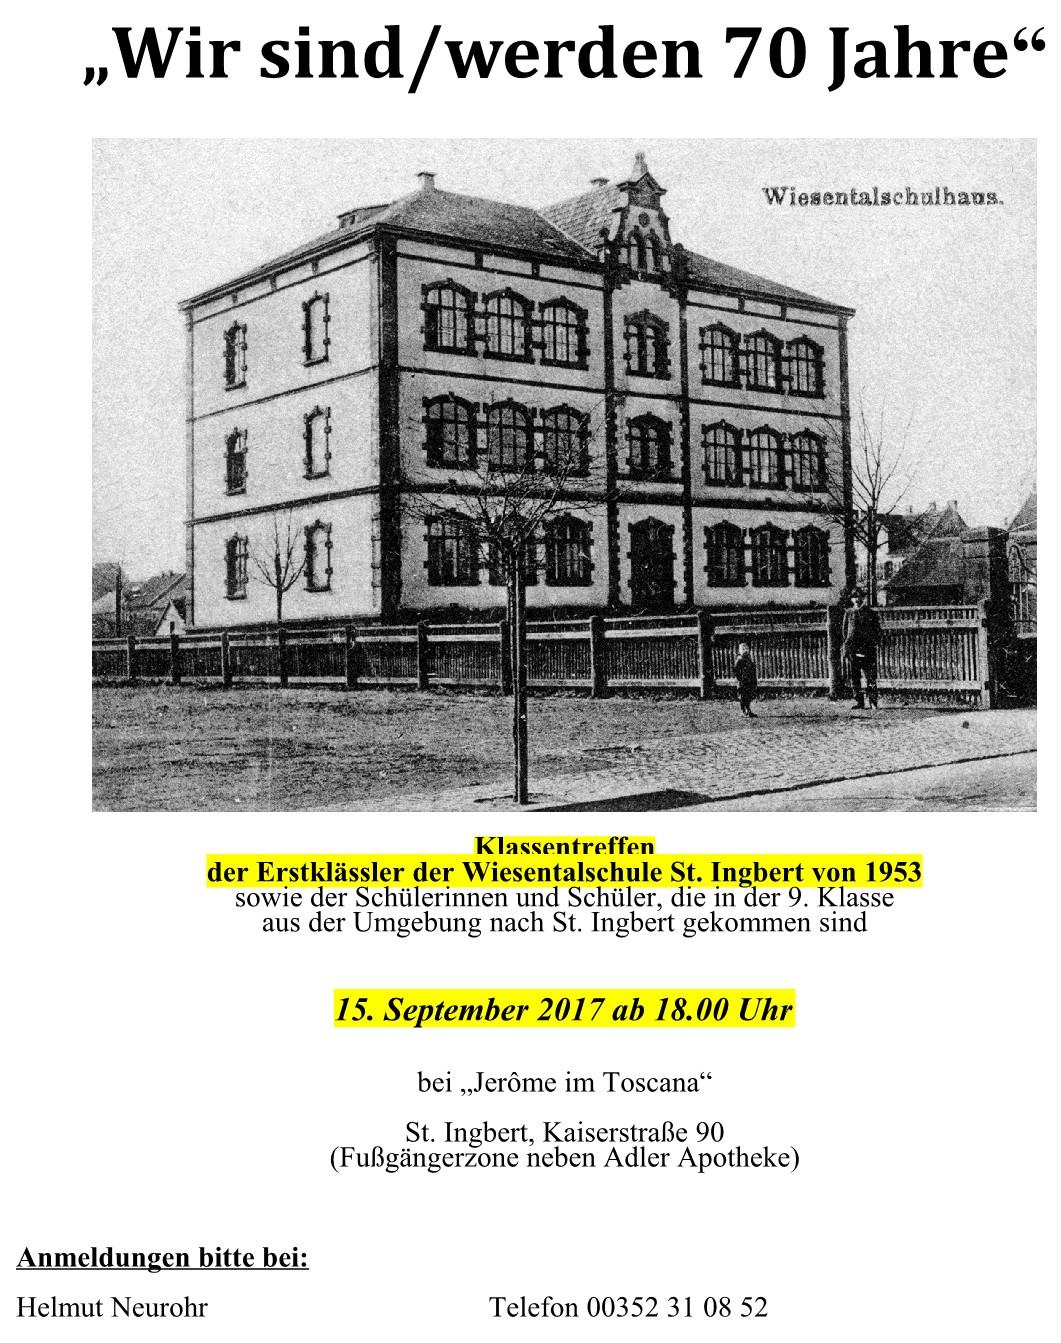 """Klassentreffen """"Wir sind / werden 70 Jahre"""" (Wiesentalschule St. Ingbert, Einschulung 1953)"""